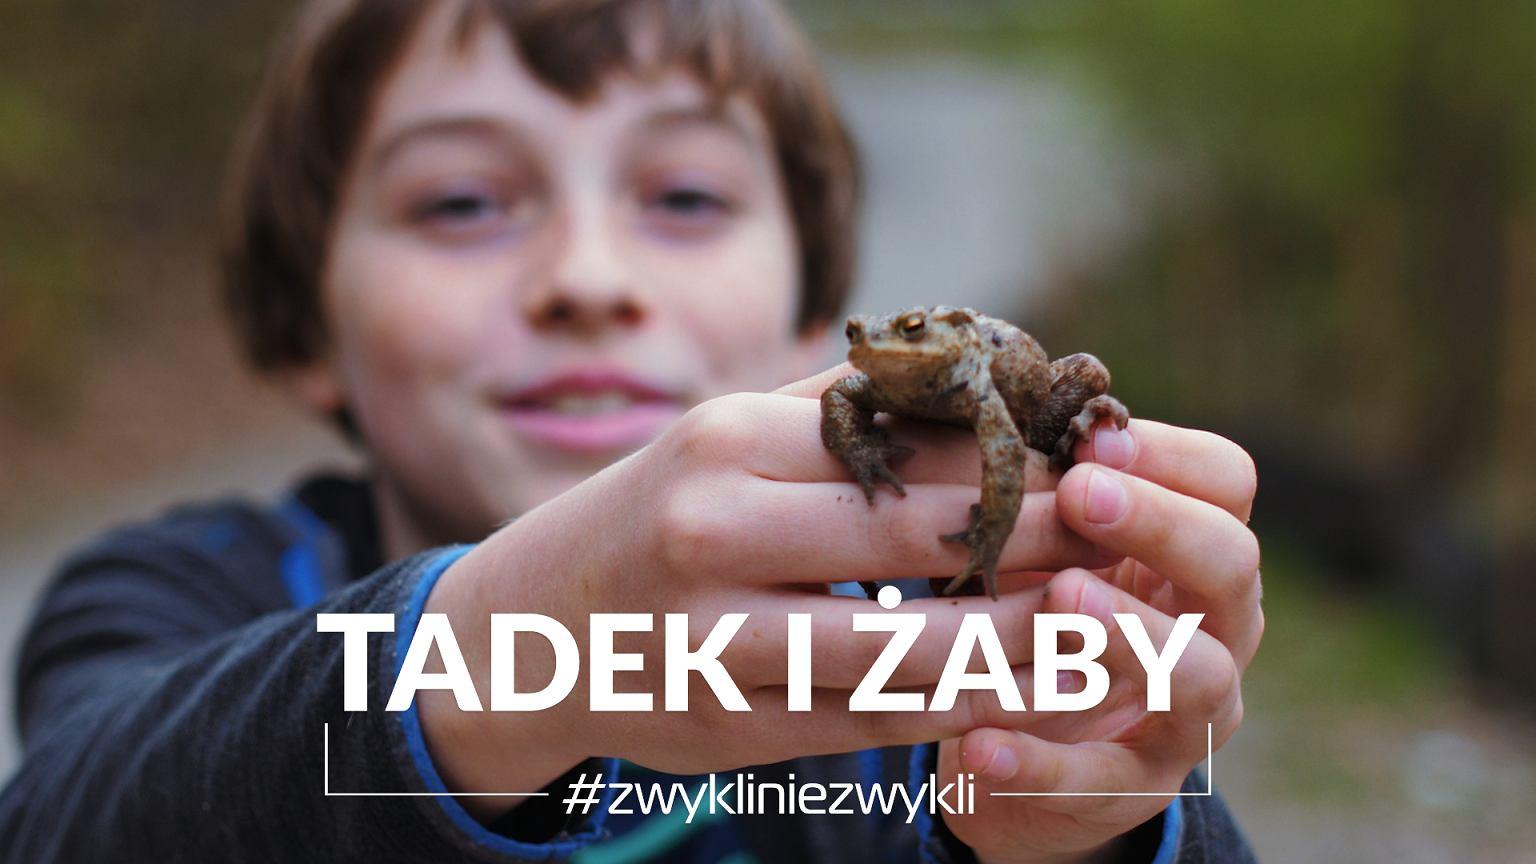 Tadeusz Pilarski-Traciewicz z Lubachowa na Dolnym Śląsku